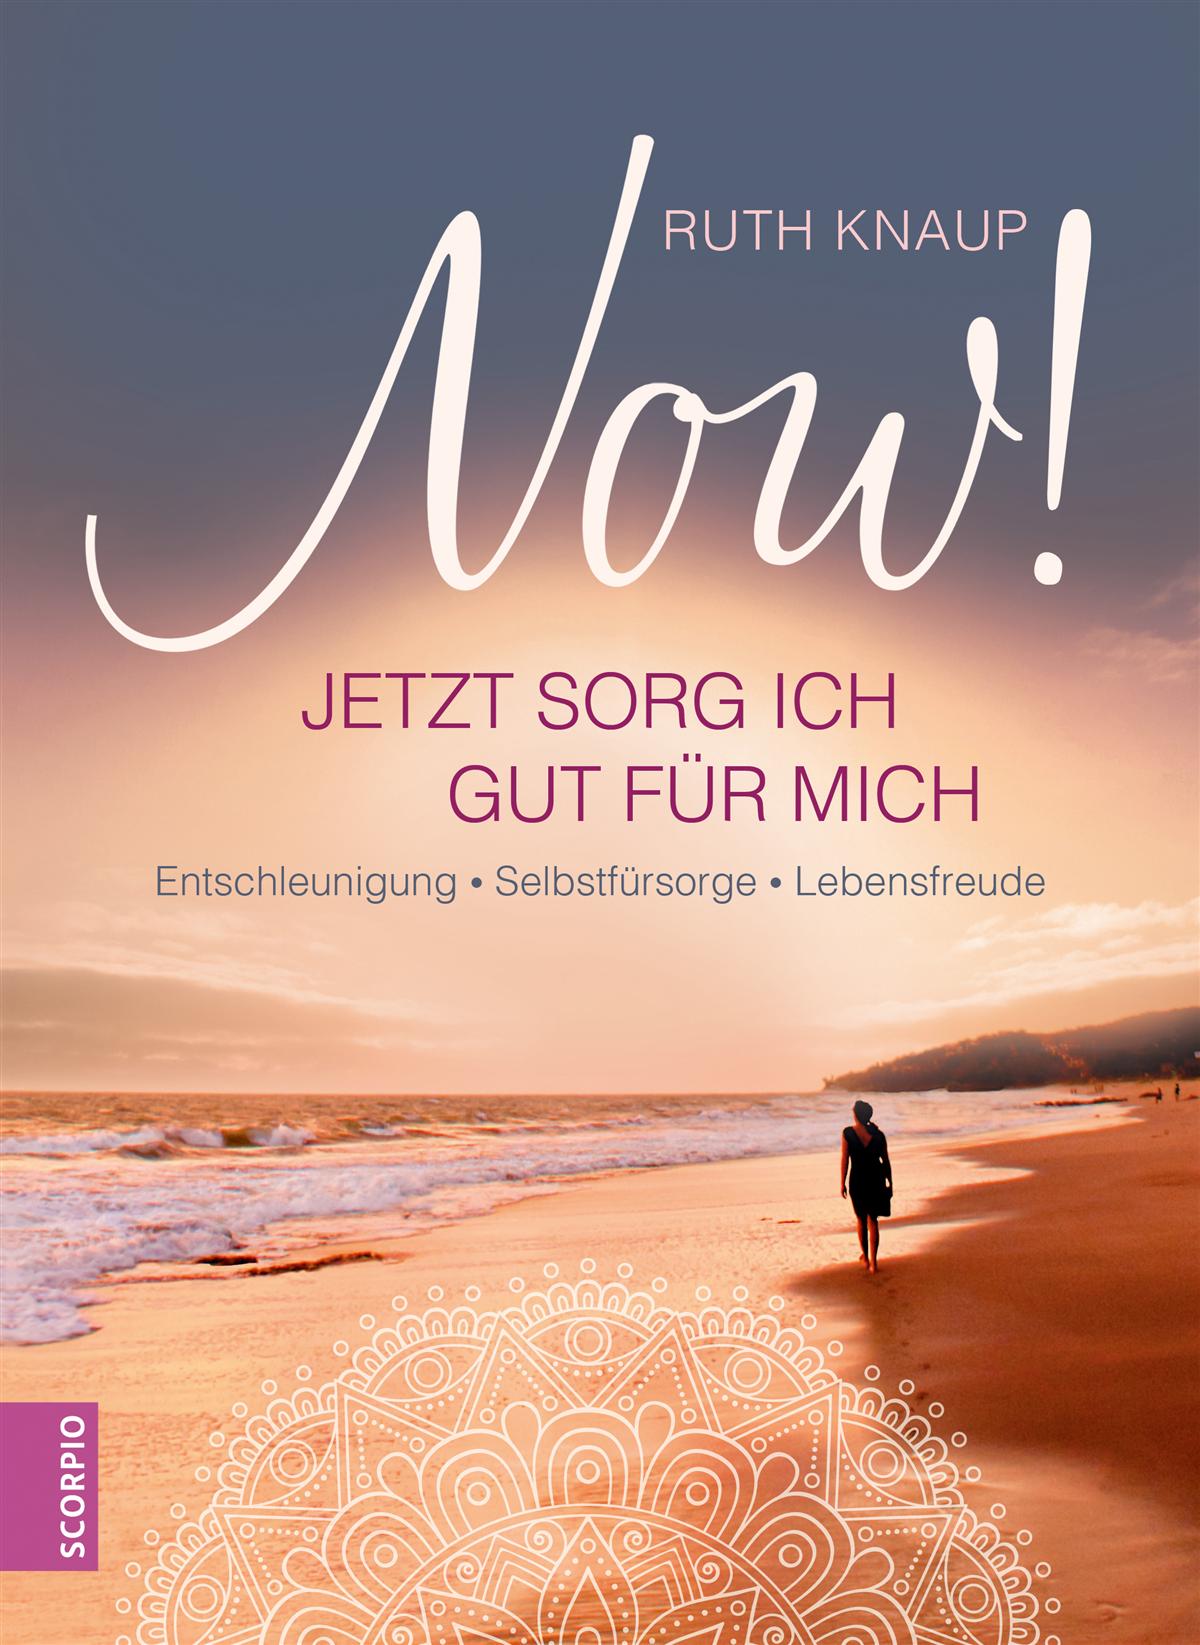 NOW! Jetzt sorg ich gut für mich - SCORPIO Verlag